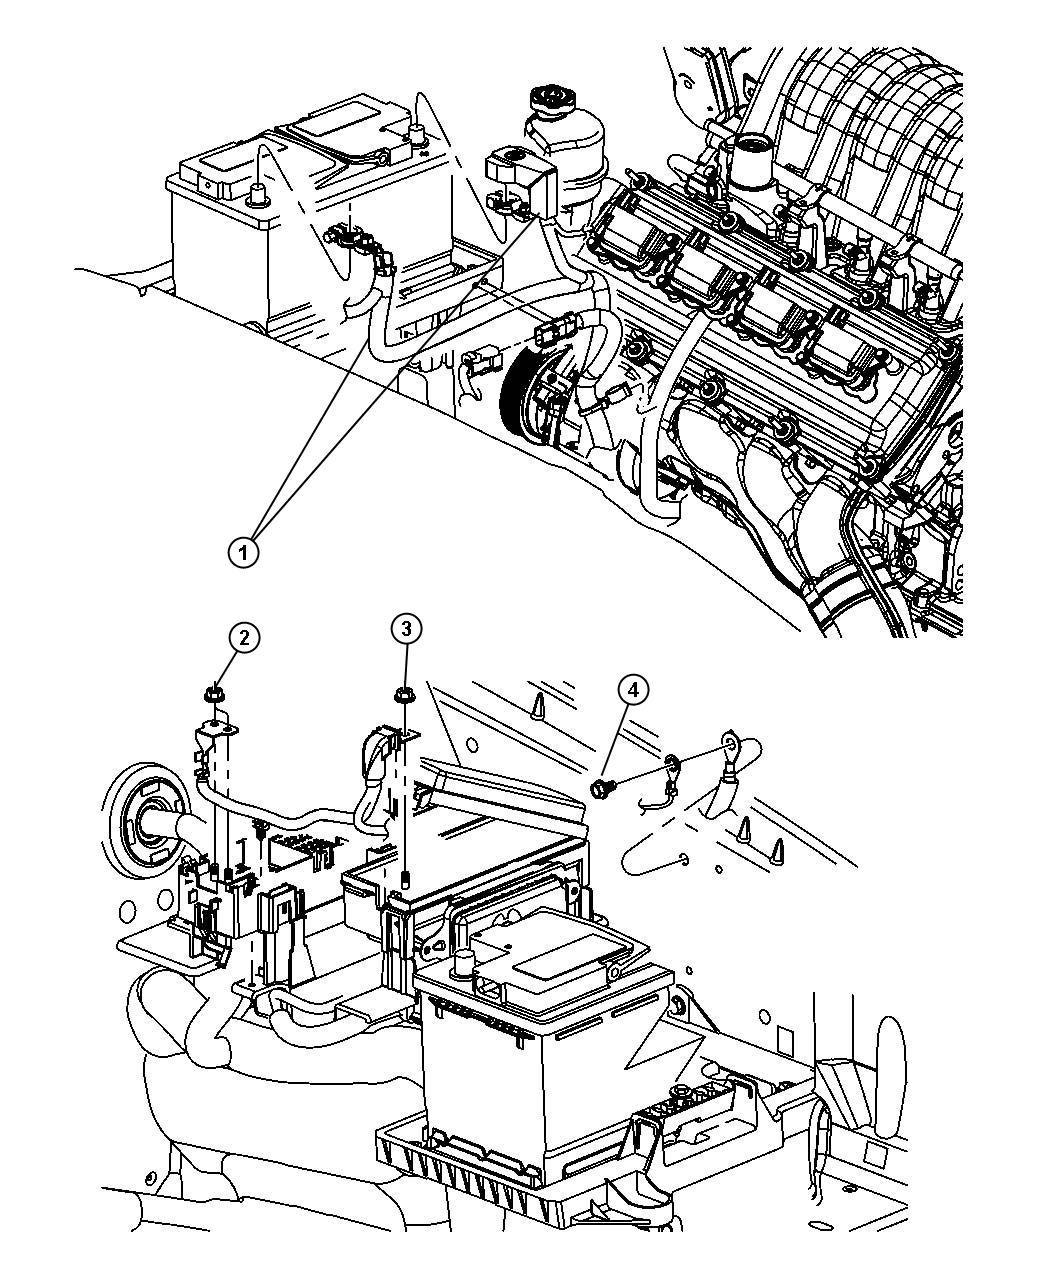 tags: #1970 jeep cj5 wiring diagram#1966 jeep cj5 wiring diagram#1976 jeep  cj5 wiring diagram#1977 jeep cj5 wiring harness#1969 jeep cj5 wiring  diagram#1967